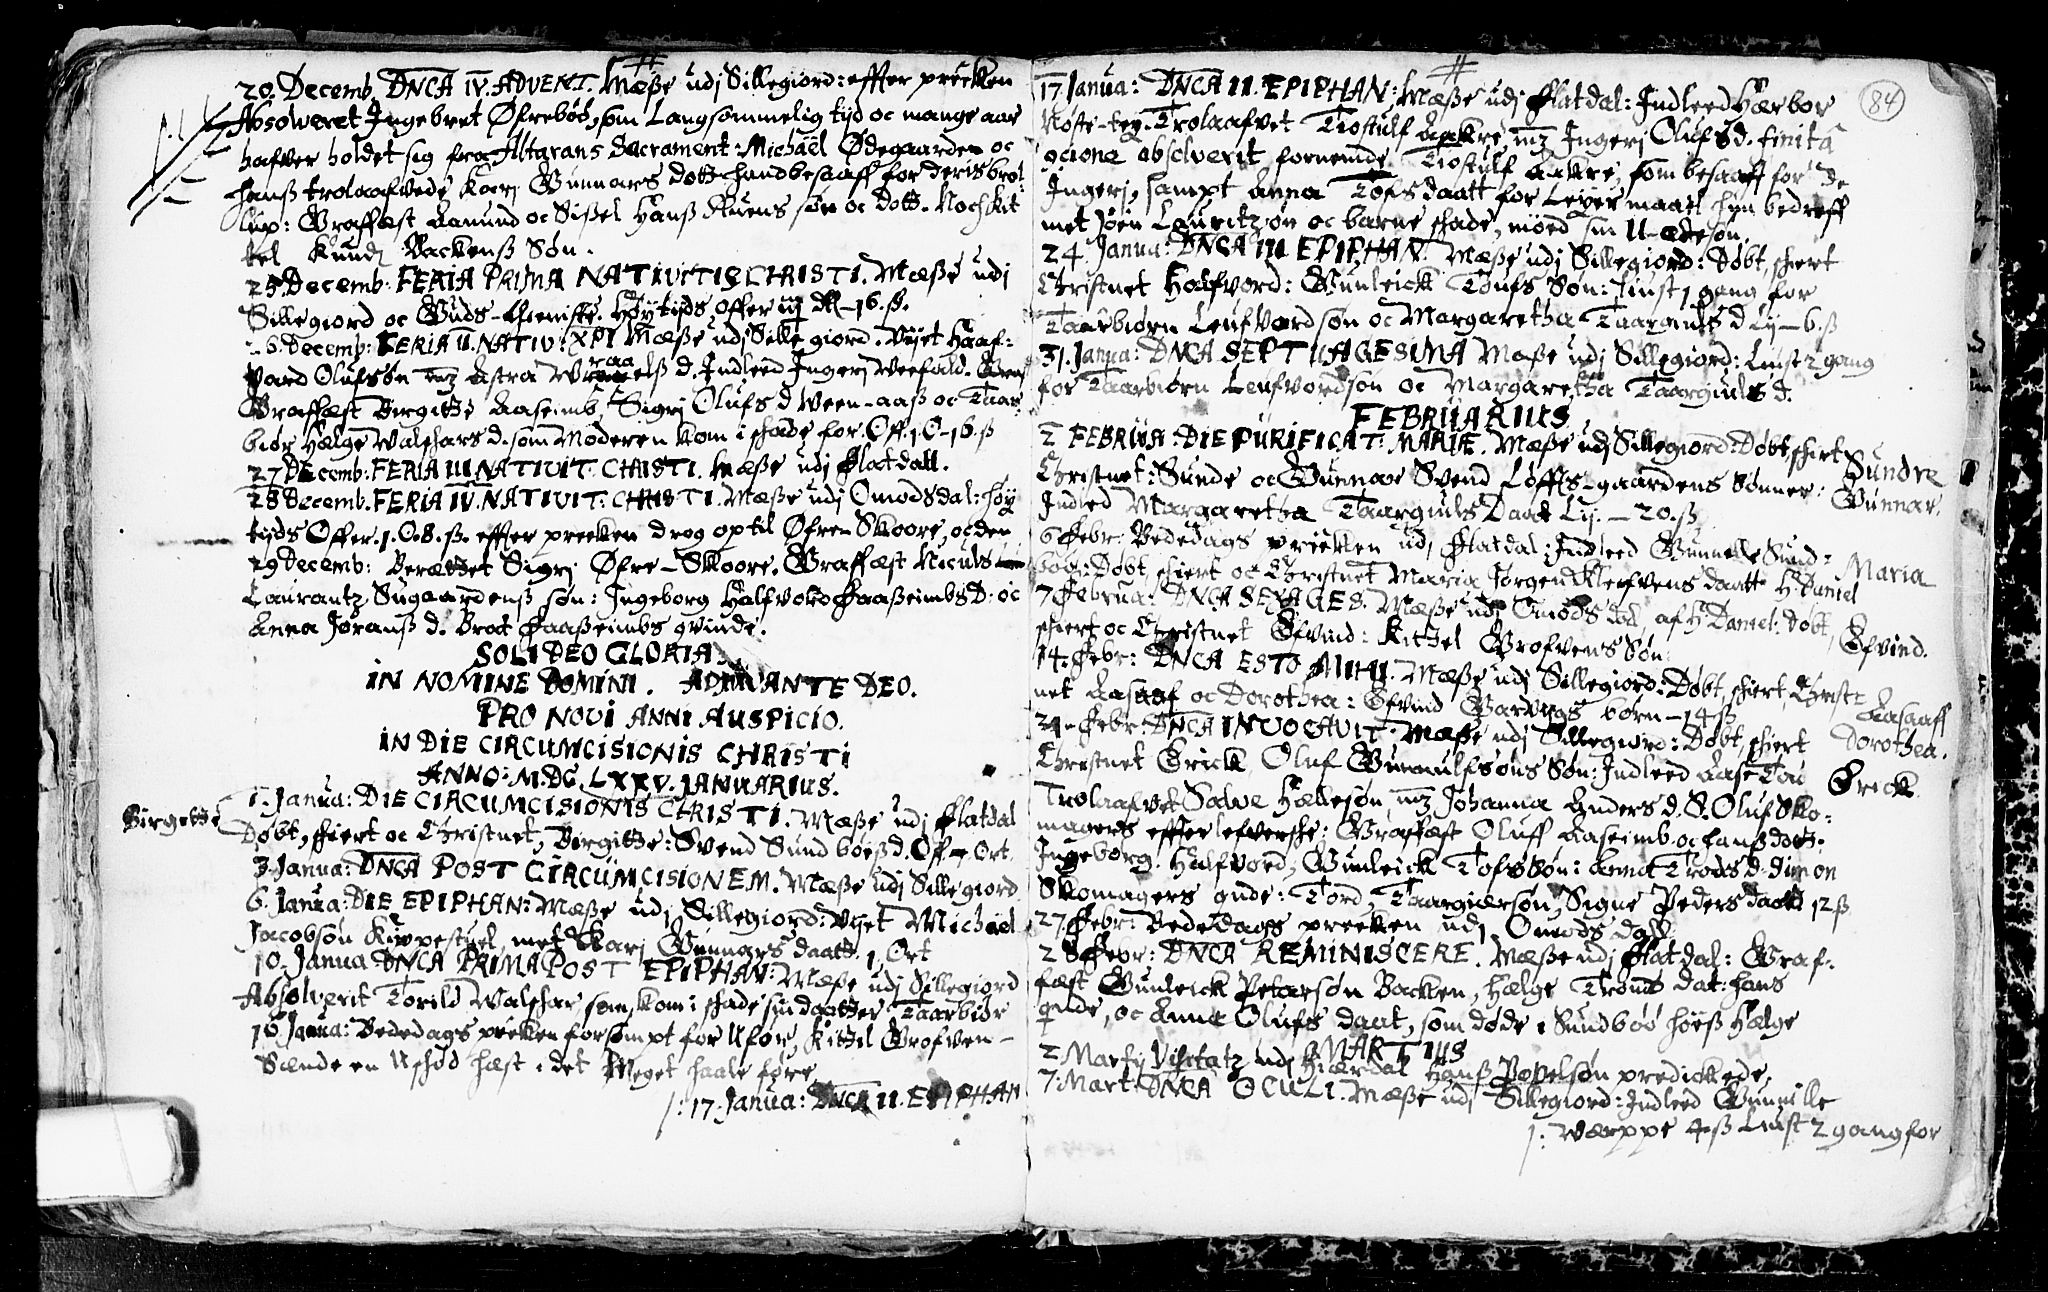 SAKO, Seljord kirkebøker, F/Fa/L0001: Ministerialbok nr. I 1, 1654-1686, s. 84